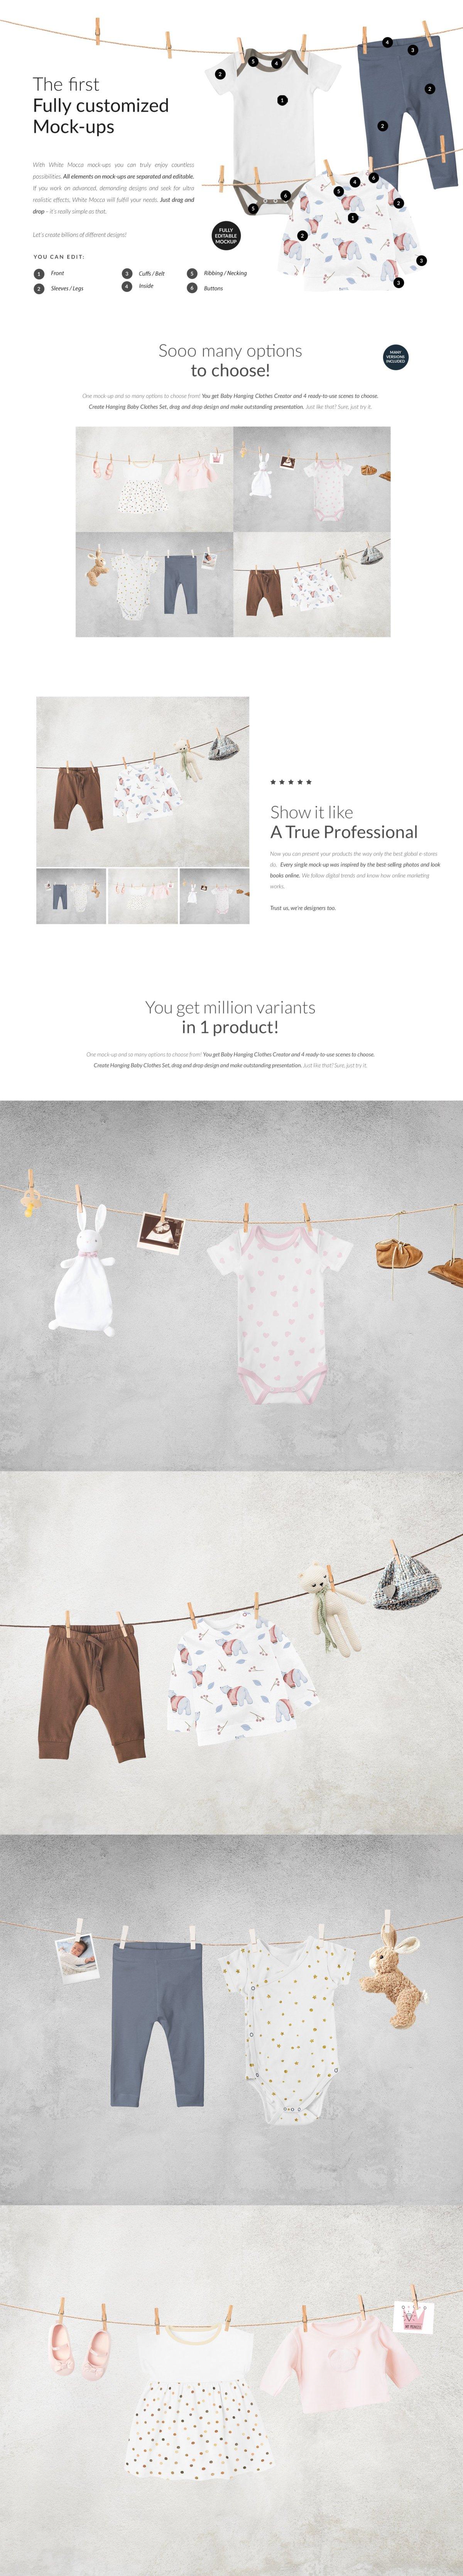 时尚婴儿连衣服装印花图案设计贴图样机 Baby Clothes Creator Kit Mock-ups插图1